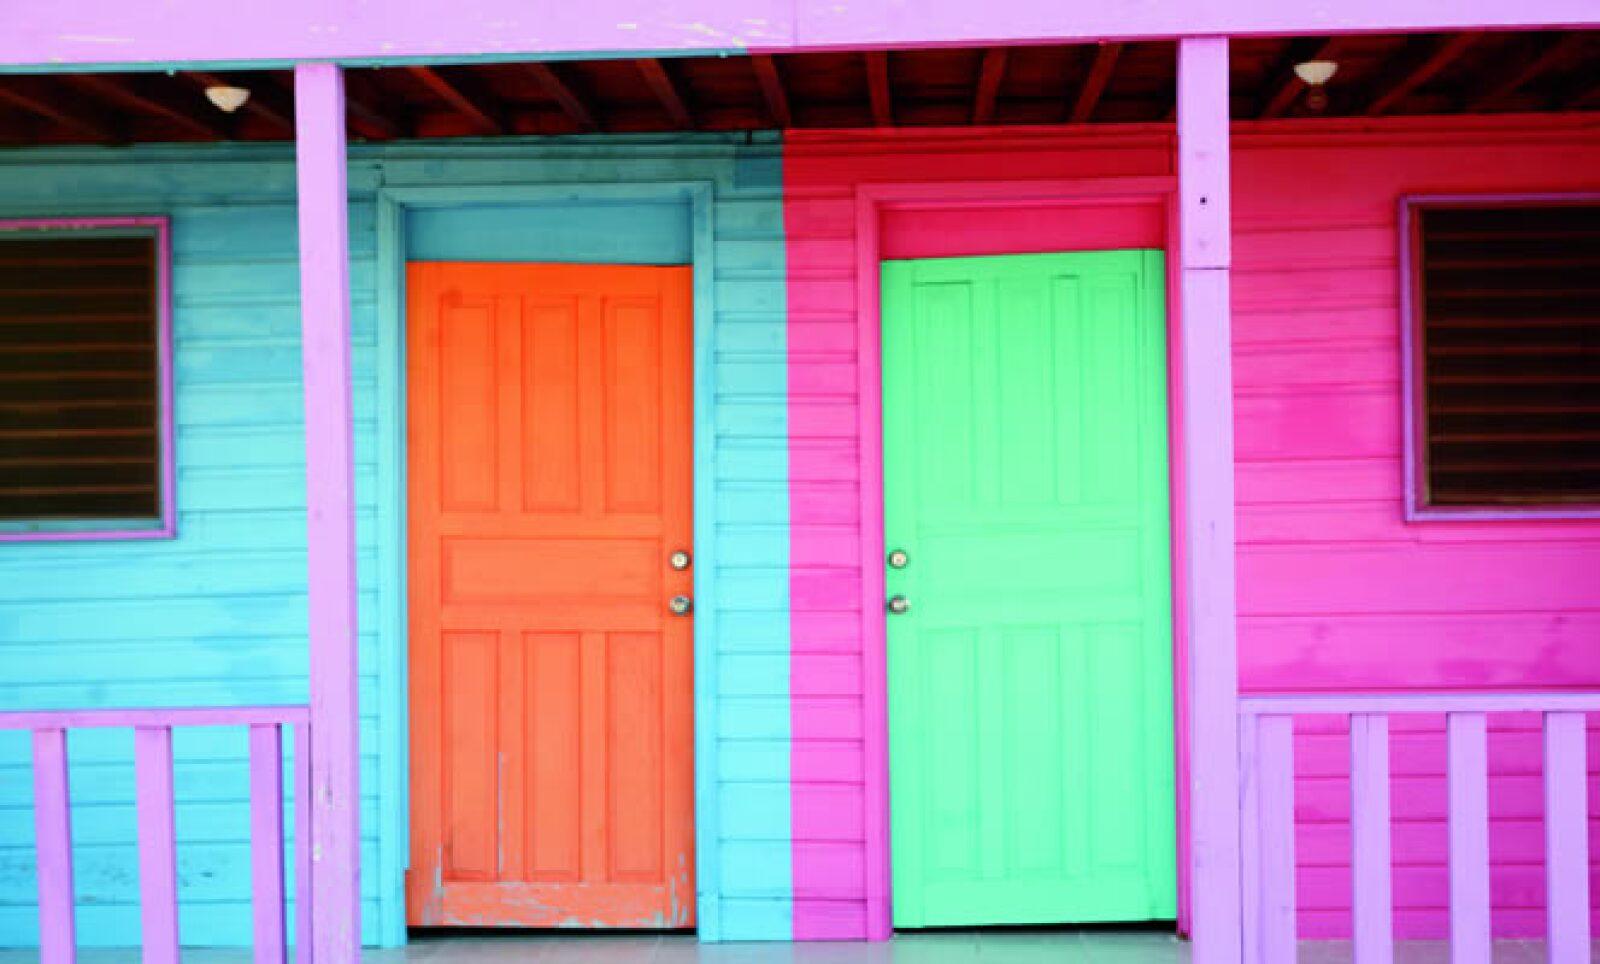 En Costa Maya predominan los colores pasteles, cánones del folclor caribeño.